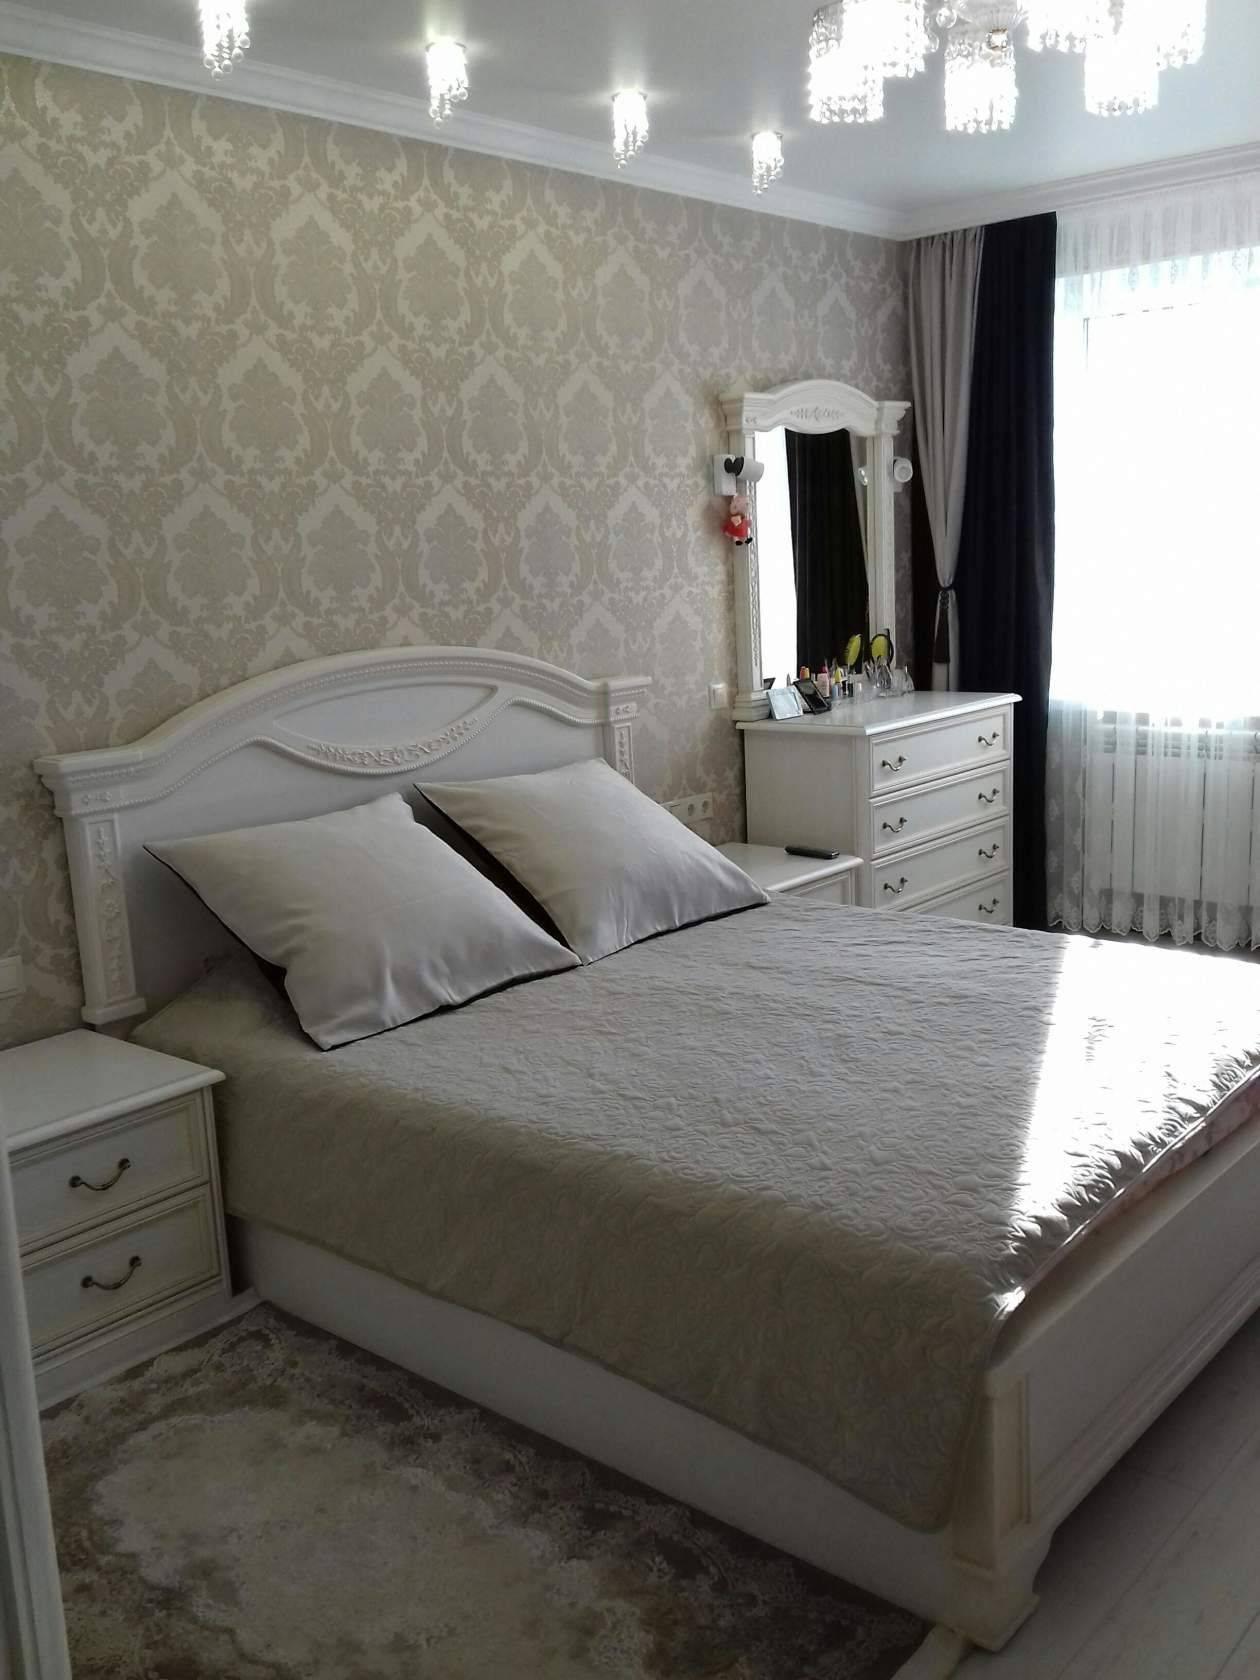 Комод для белья в спальню, особенности, размеры, формы, размещение